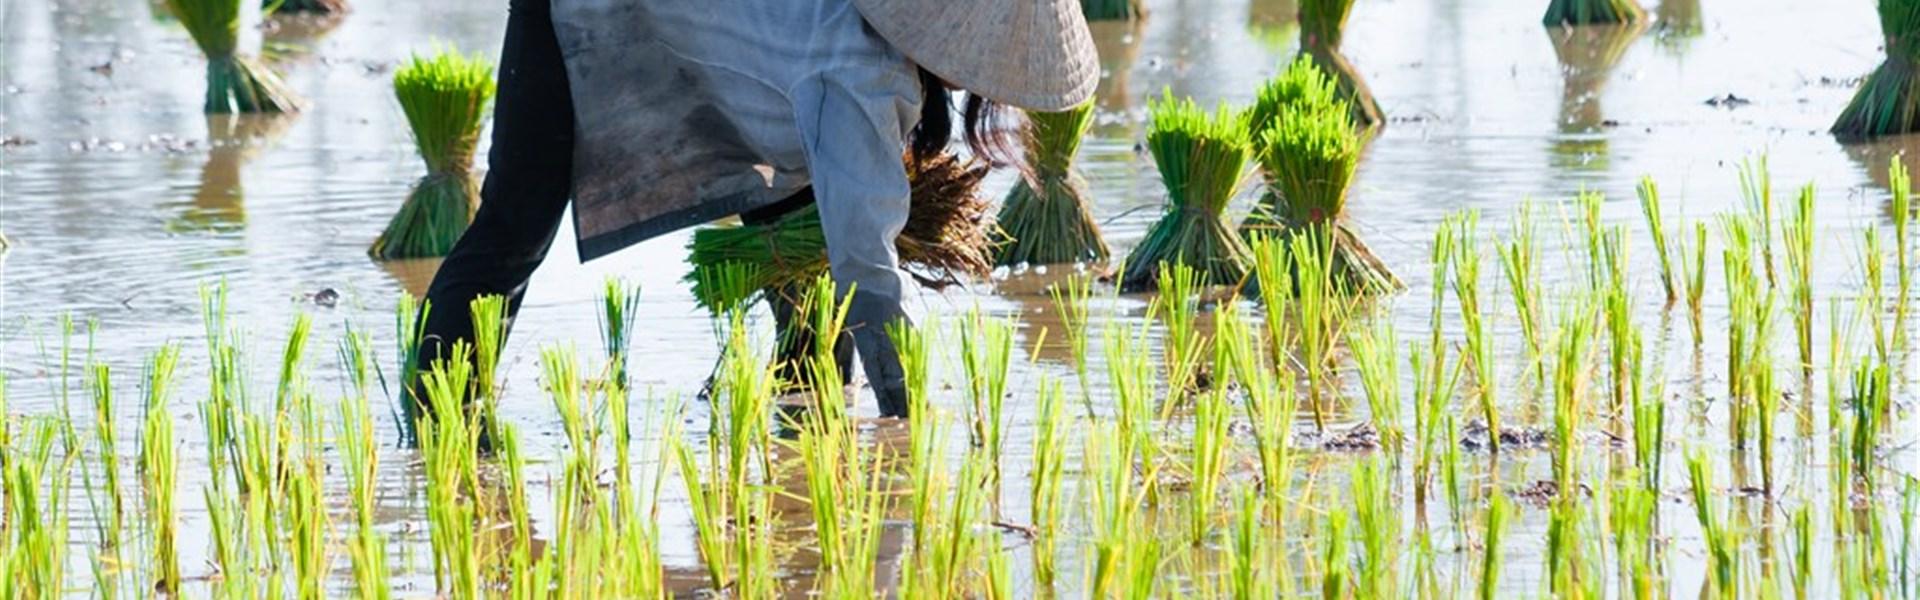 Okuh - Vietnam - od severu k jihu s českým průvodcem - Rýžová pole jsou symbolem venkova ve Vietnamu.